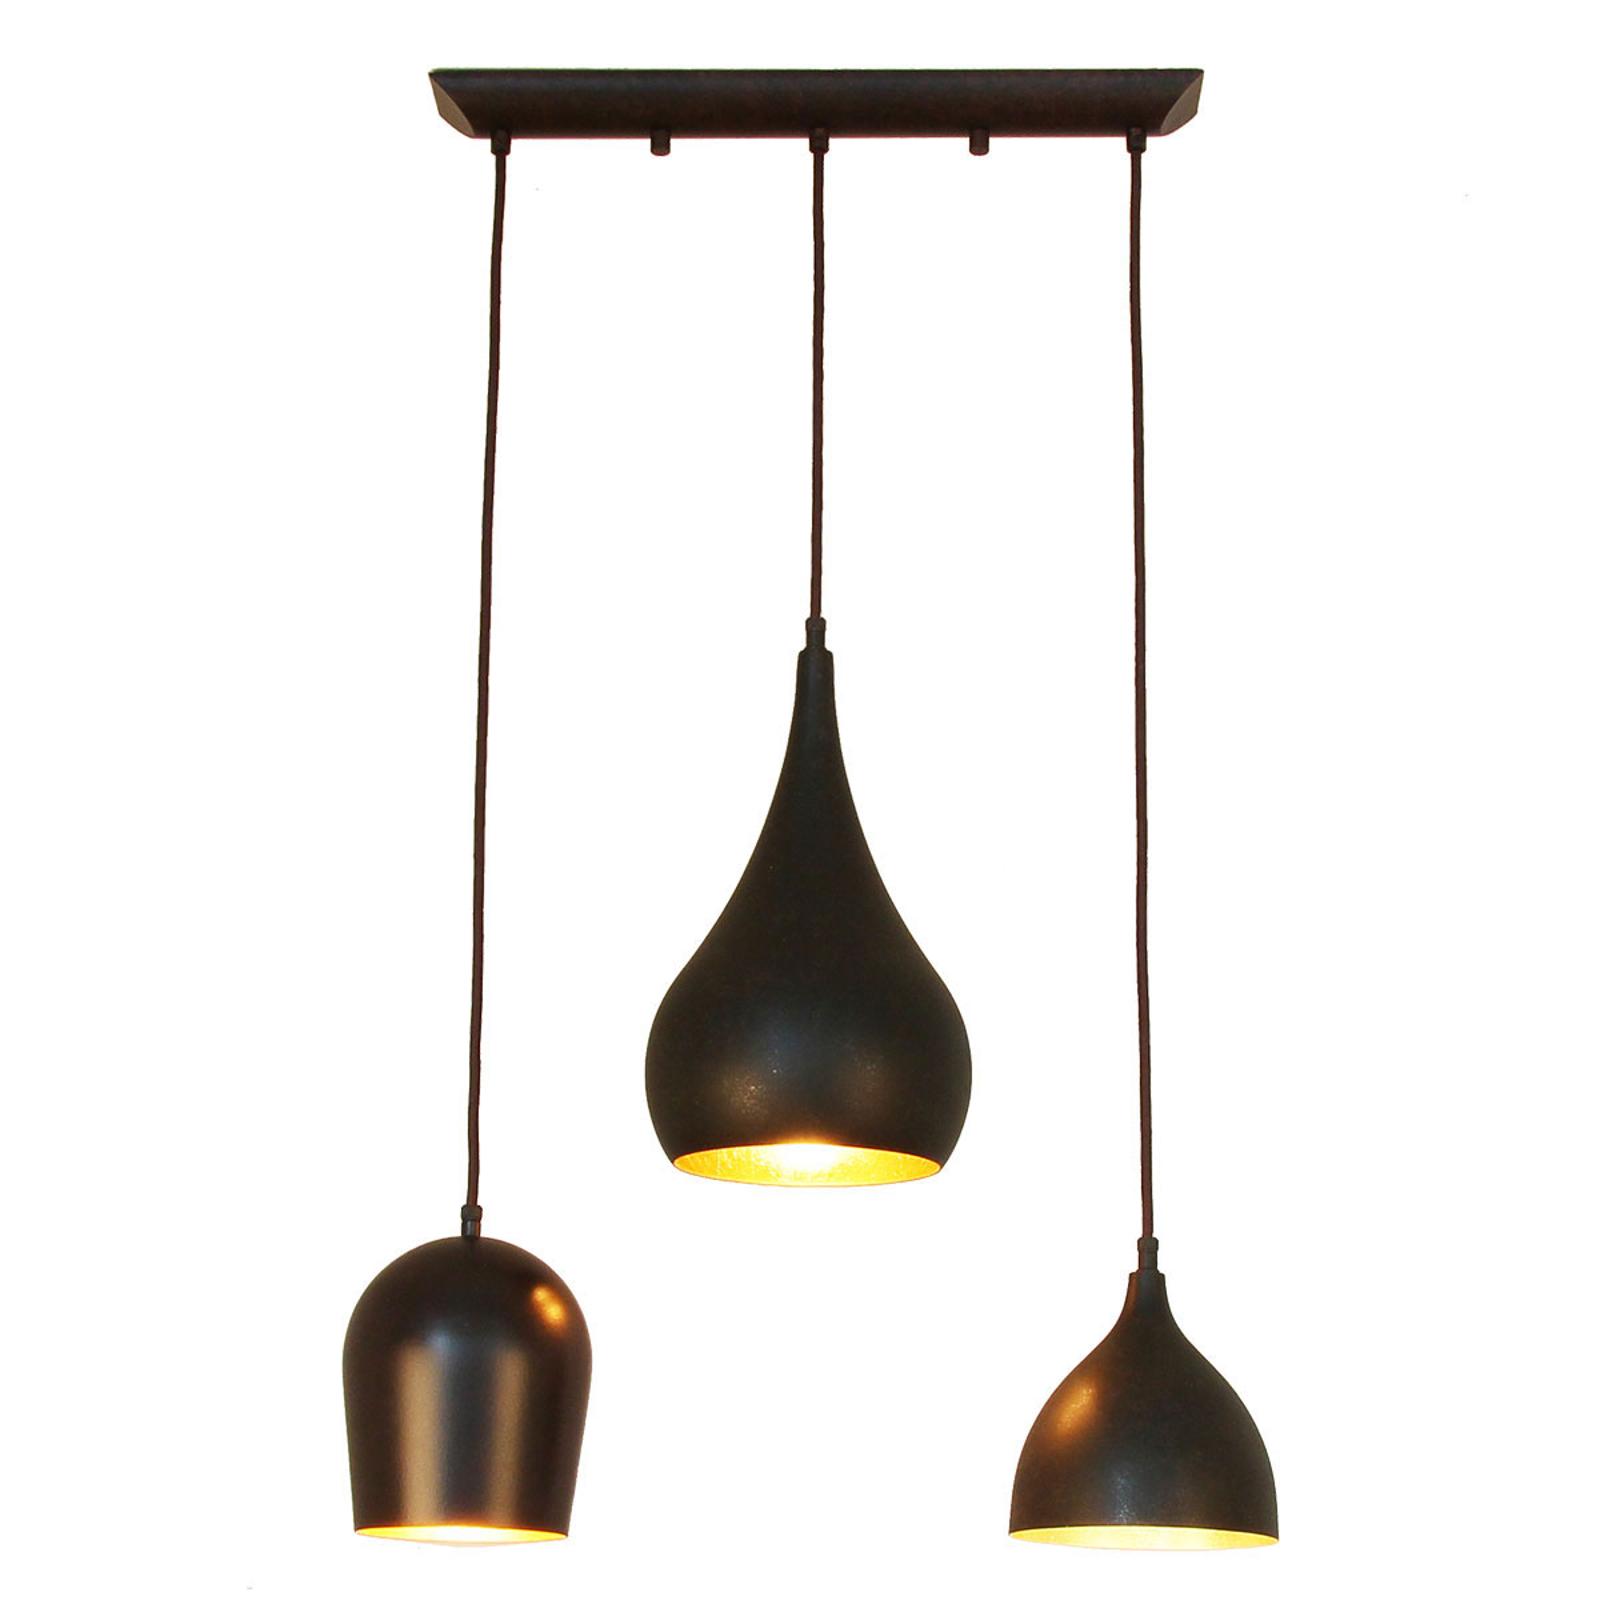 Menzel Solo hængelampe, 3 lyskilder, aflang